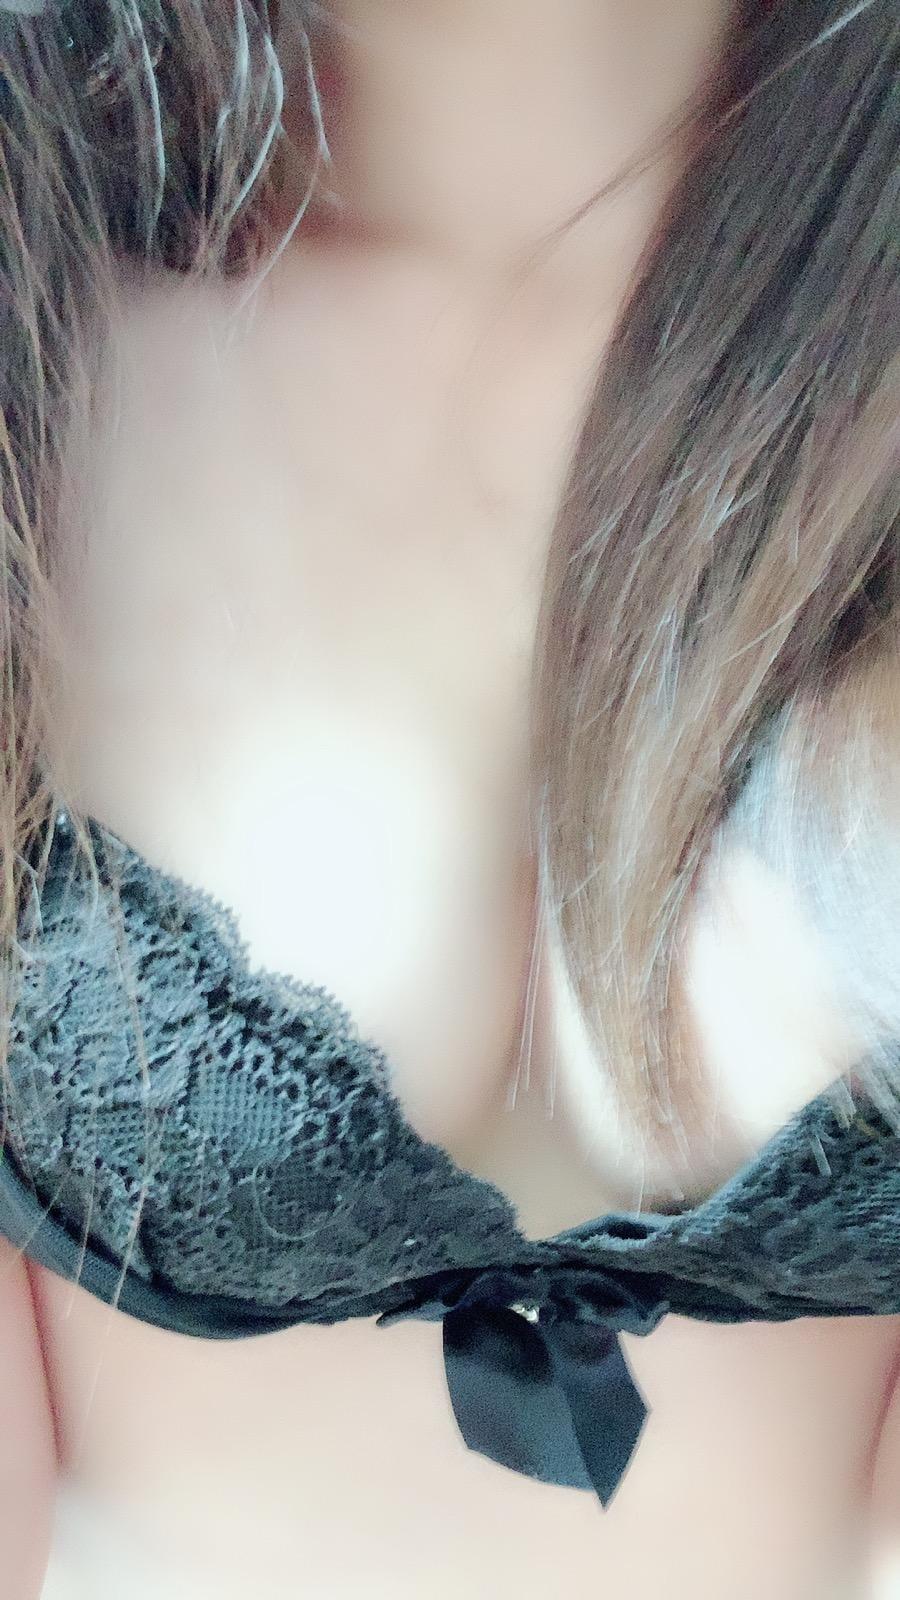 杉浦えみ「おはようございます」10/23(火) 09:18 | 杉浦えみの写メ・風俗動画